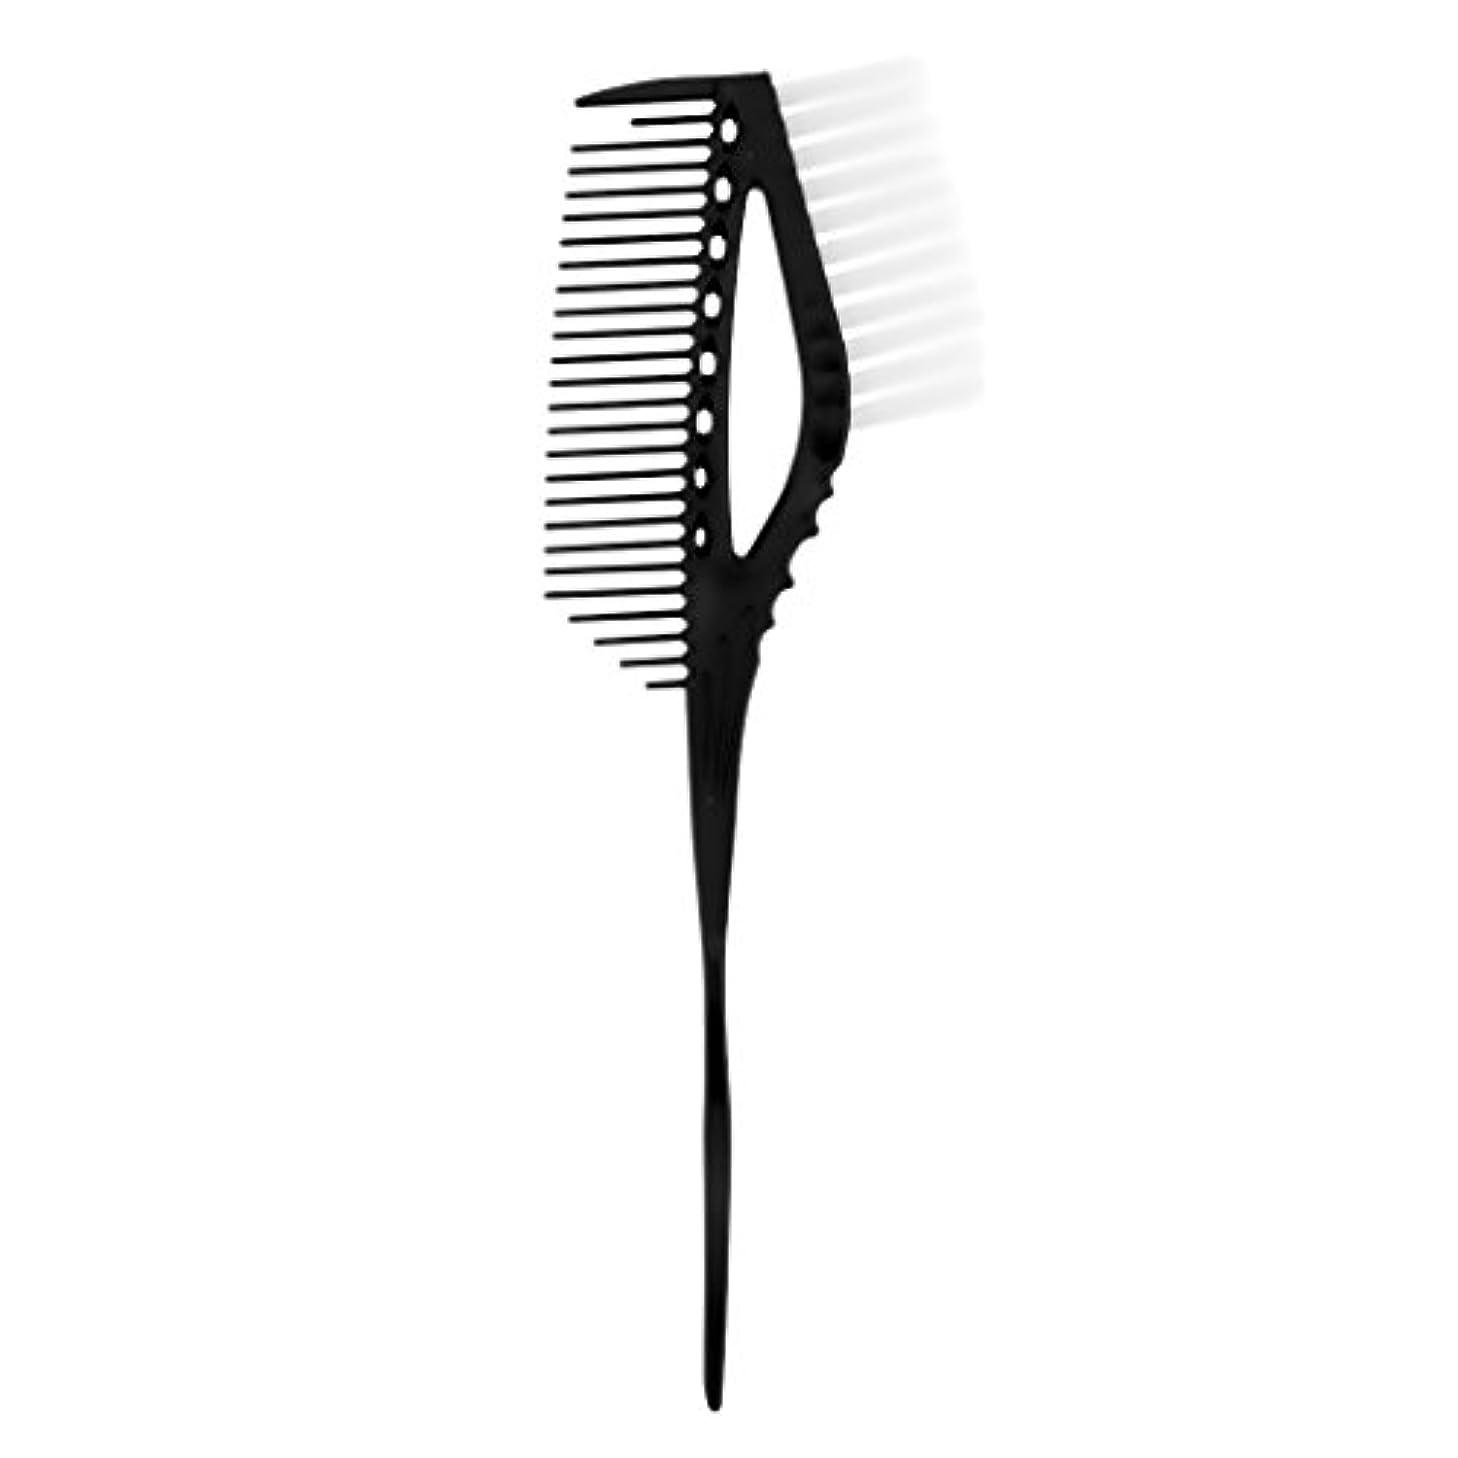 甘美な飽和する乗ってFenteer ハイライト櫛 ヘアブラシ ヘアカラー ヘアスタイル 色合い 染めブラシ サロン 美容院 ミキシングブラシ 3色選べる - ブラック